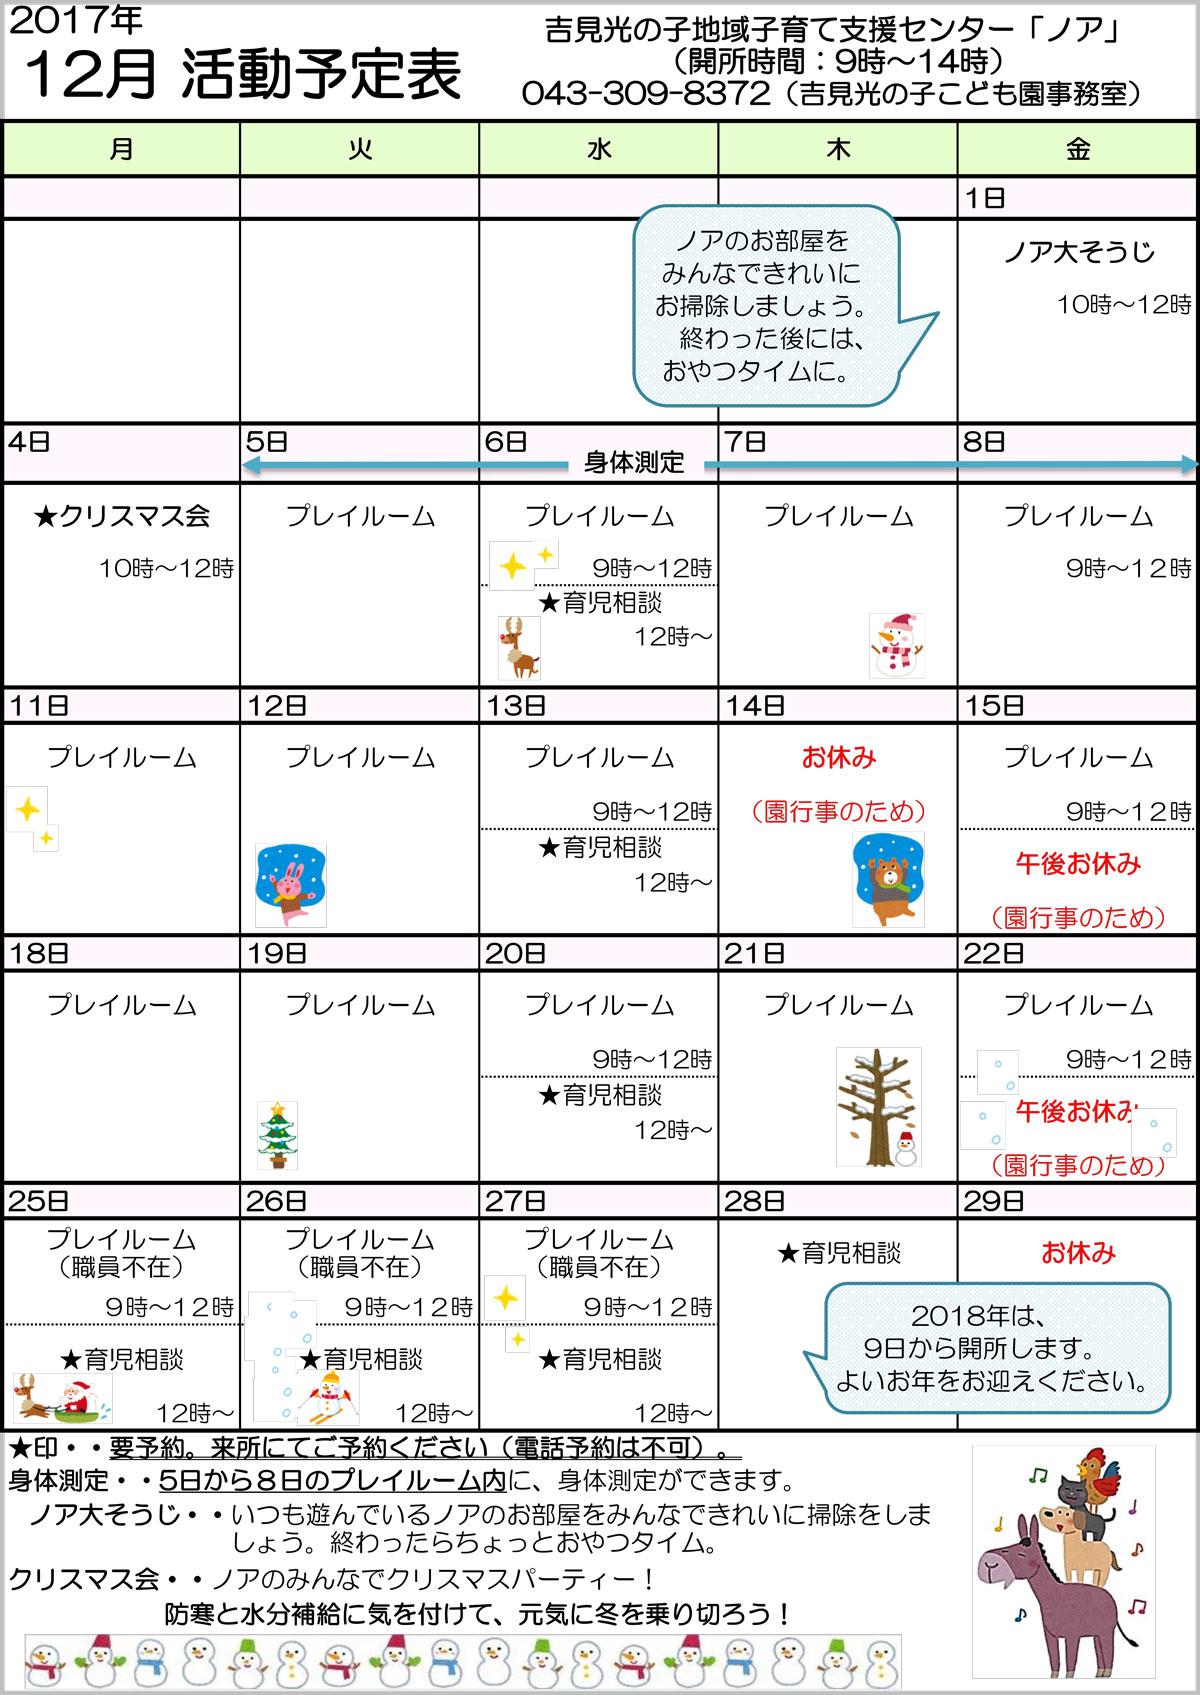 12月ノア活動予定表